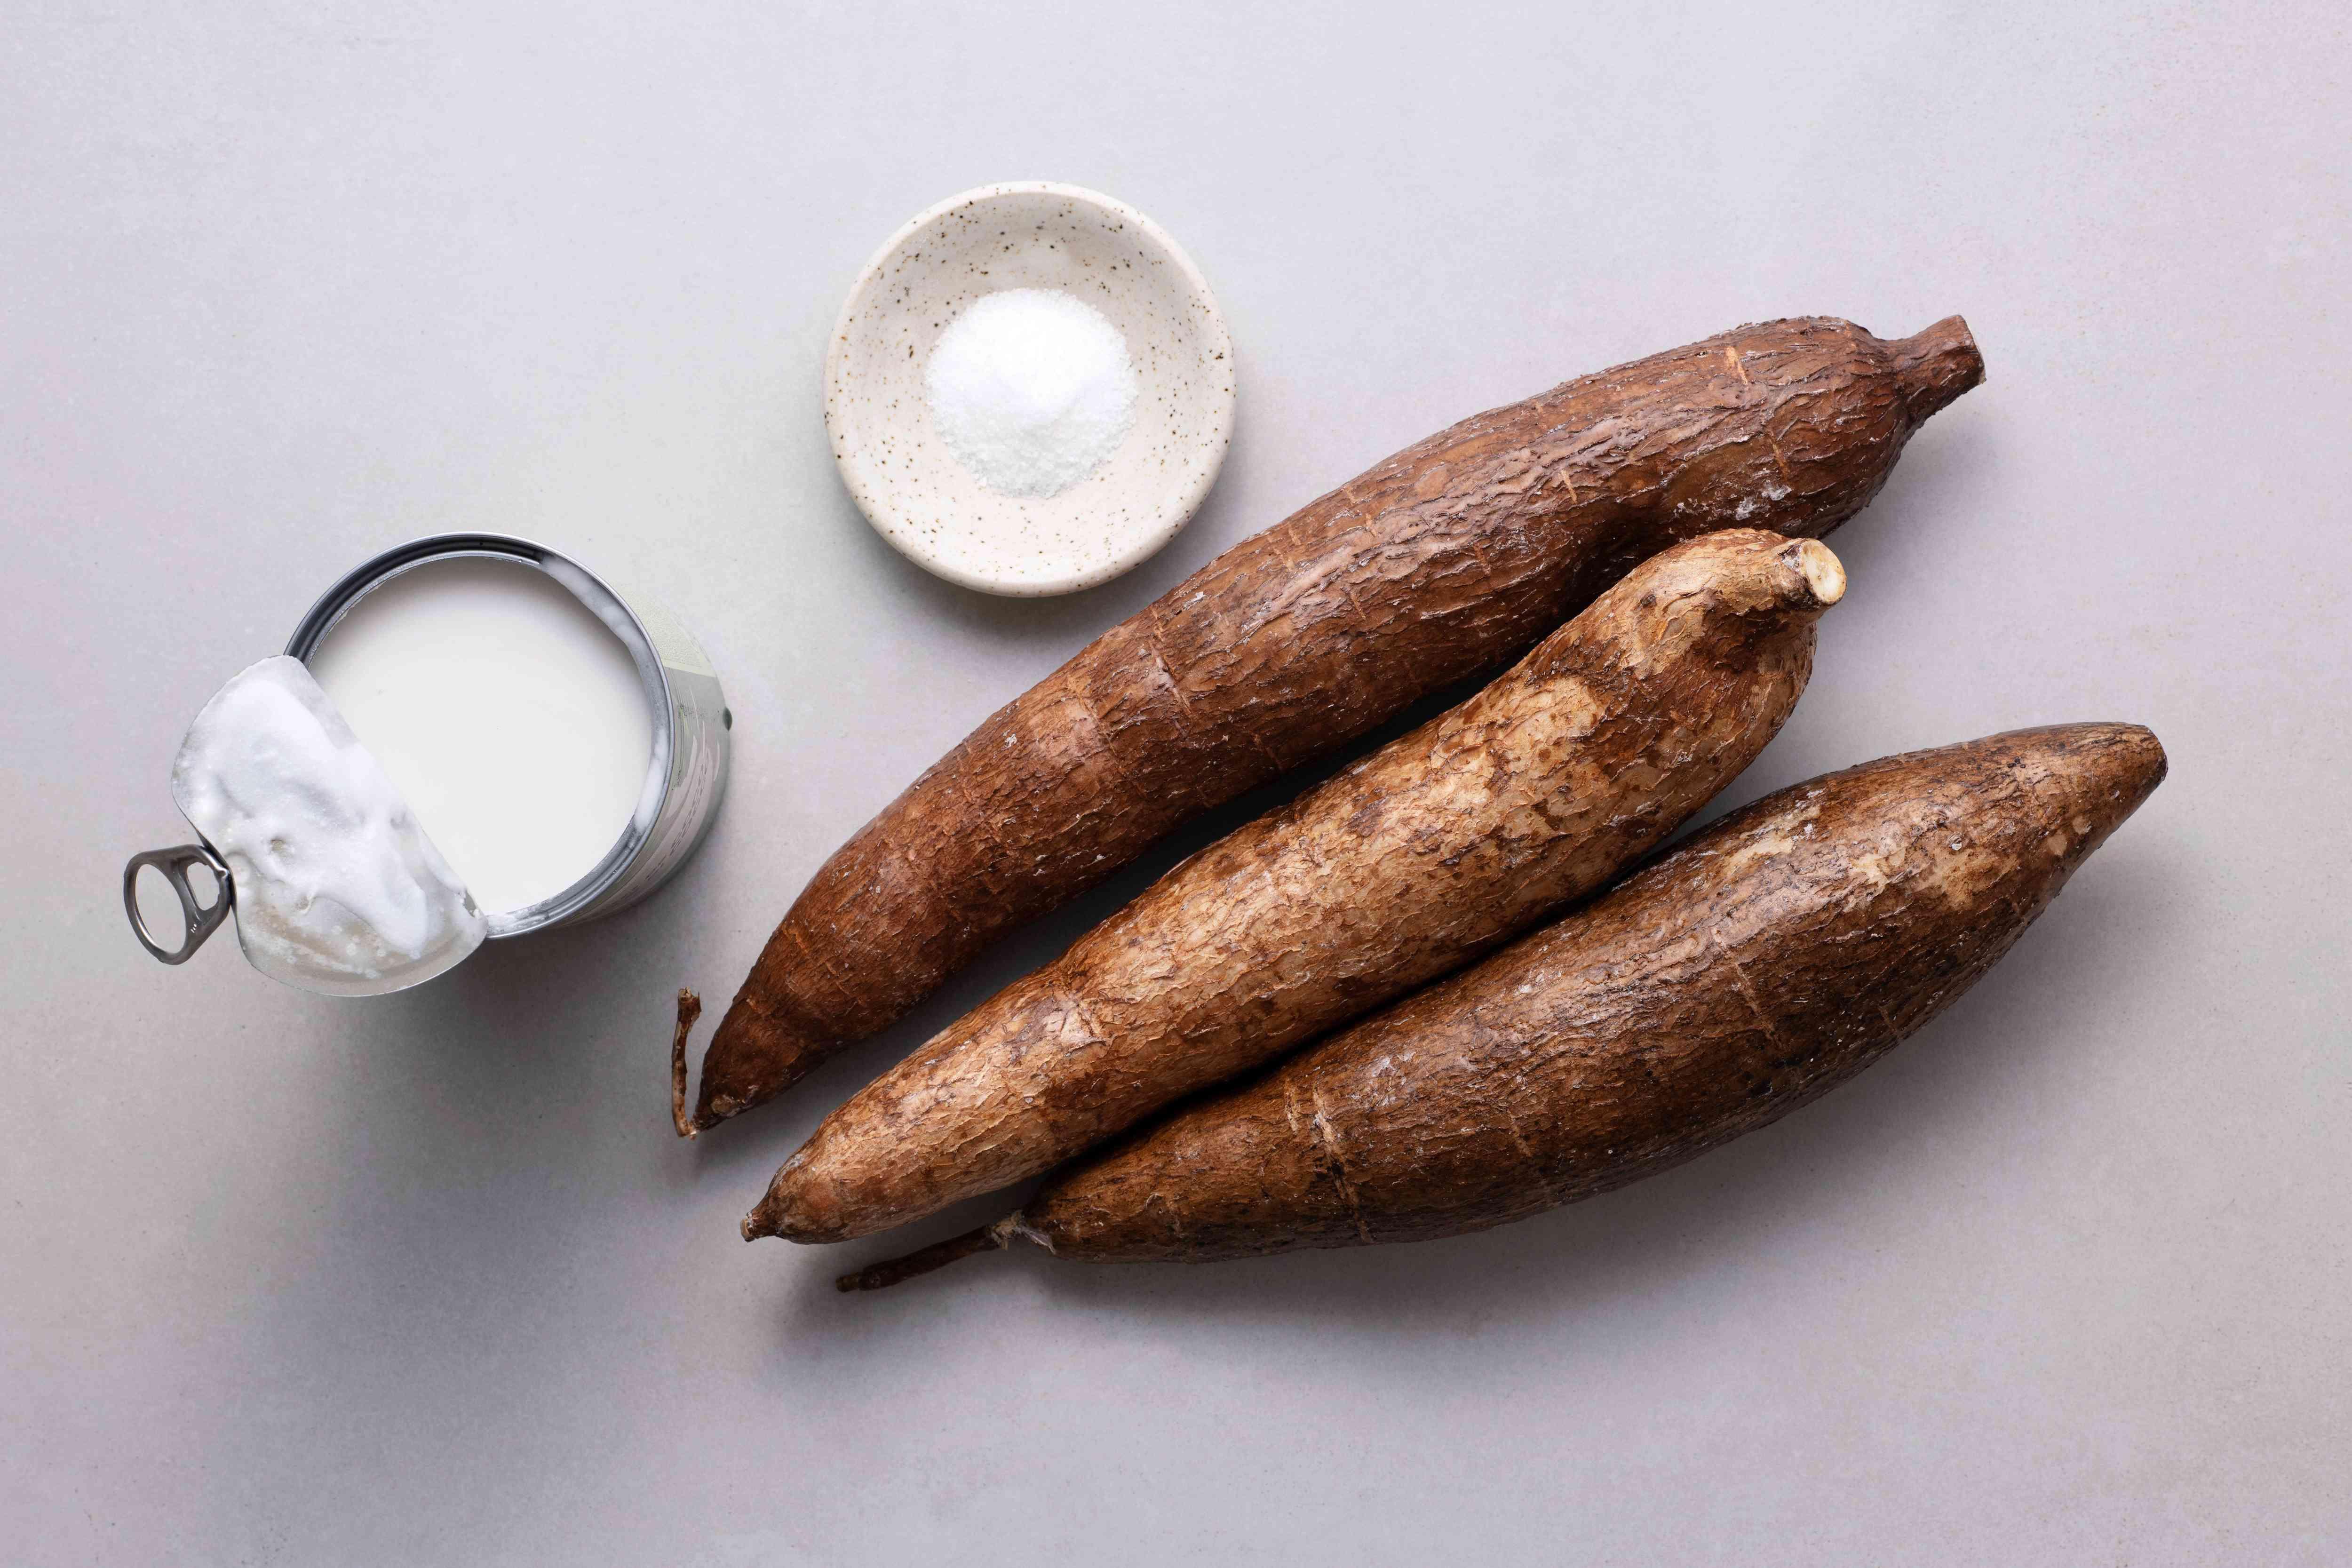 Jamaican Bammies (Cassava Bread) ingredients